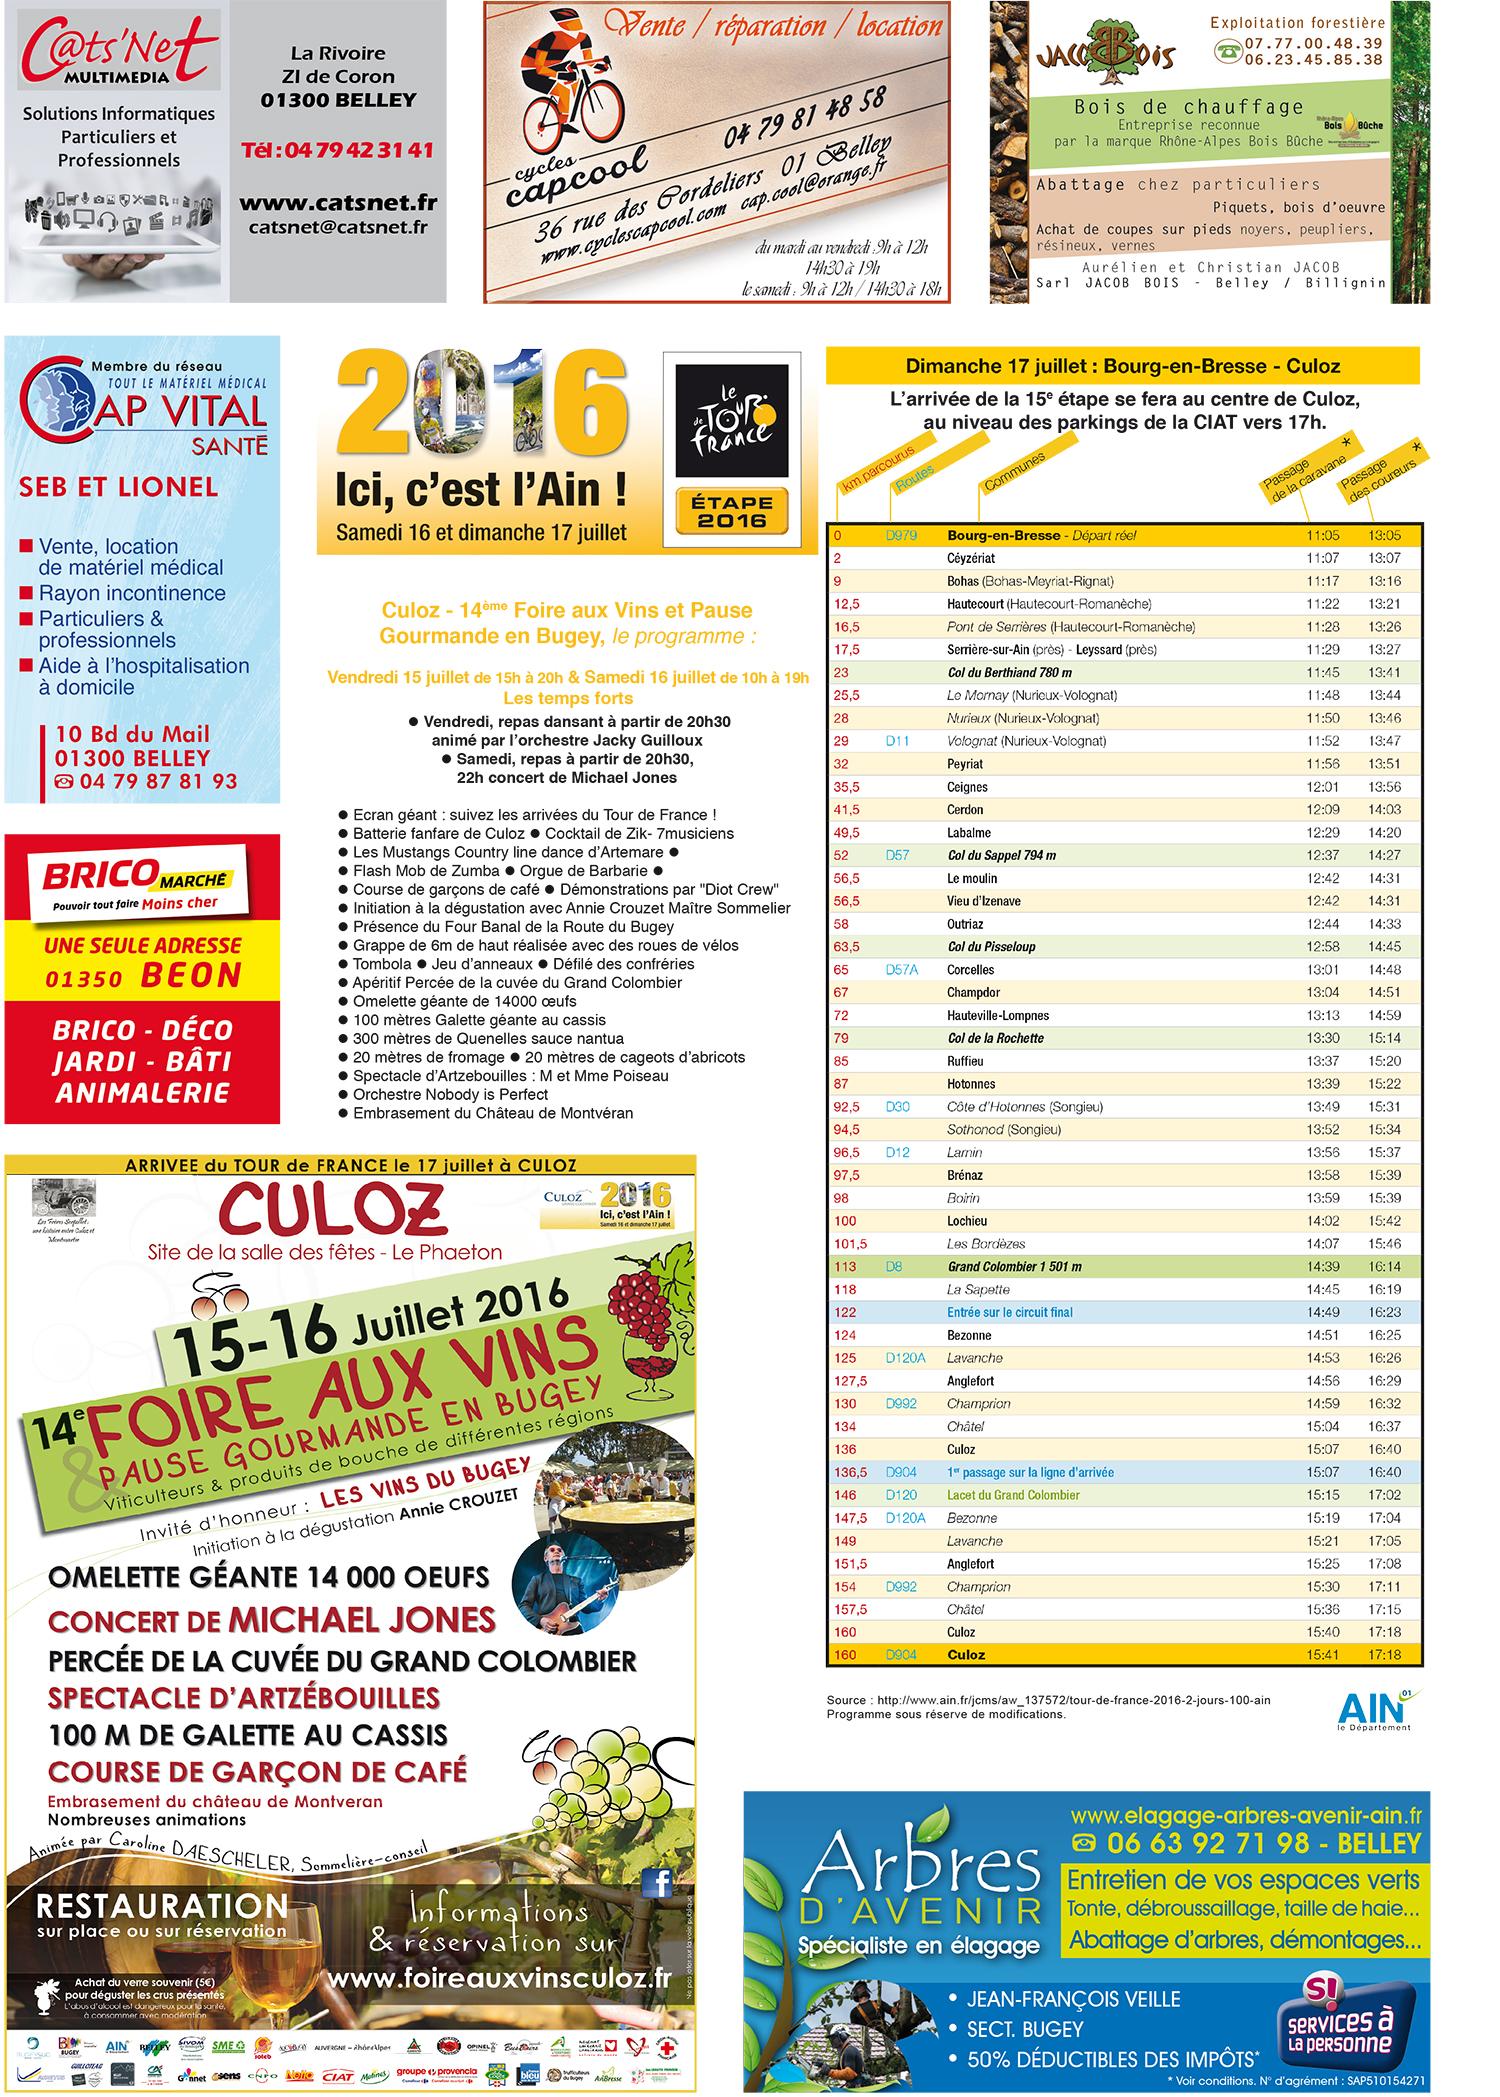 Page Tour de France 2016 1 ballad et vous